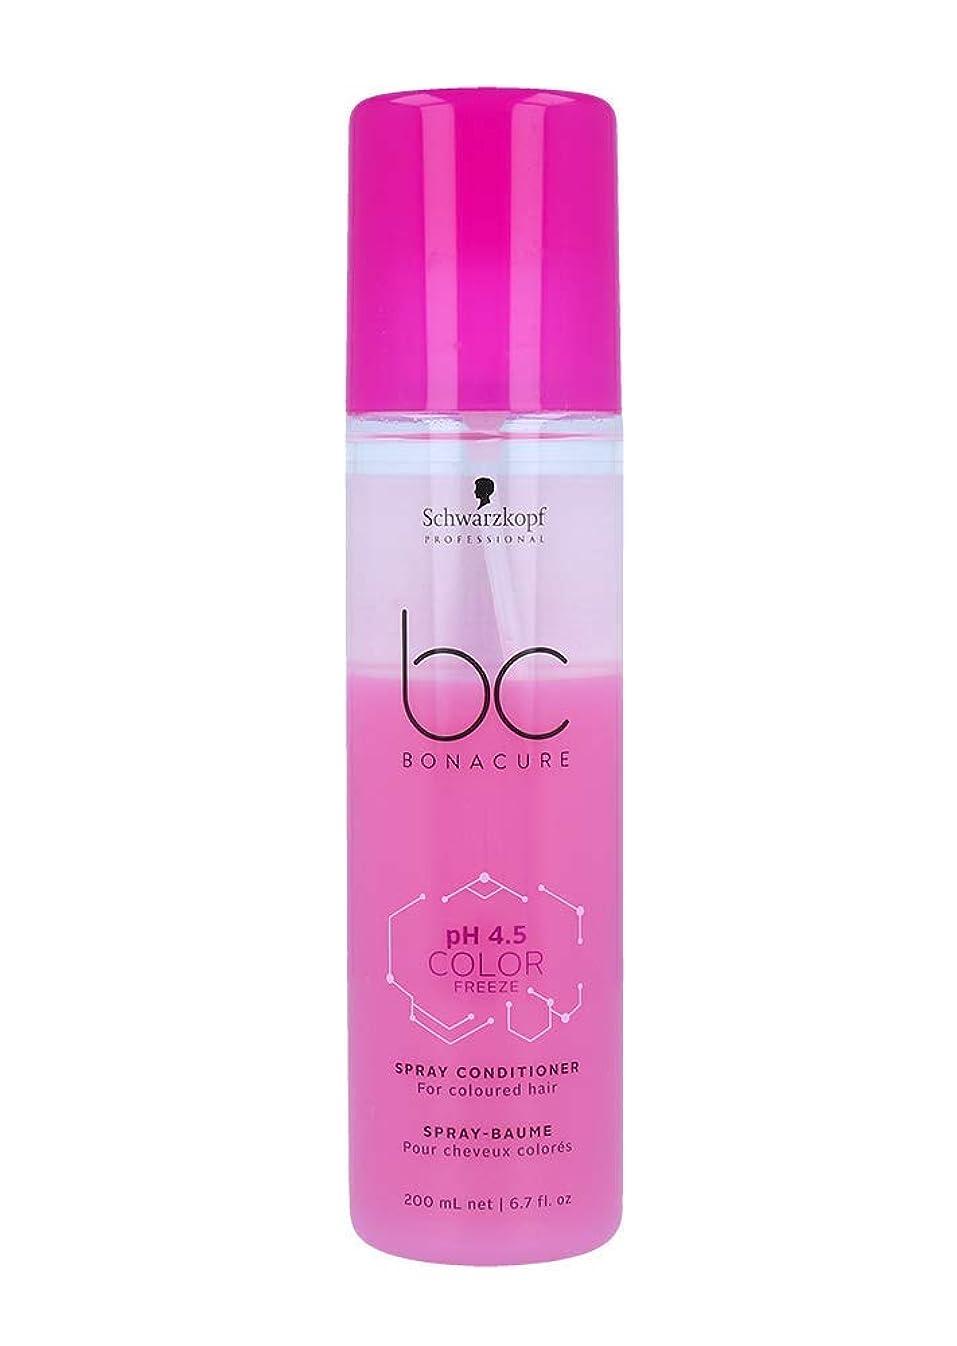 飛行機壮大なテープシュワルツコフ BC pH 4.5 カラー フリーズ スプレー コンディショナー Schwarzkopf BC Bonacure pH 4.5 Color Freeze Spray Conditioner For Coloured Hair 200 ml [並行輸入品]